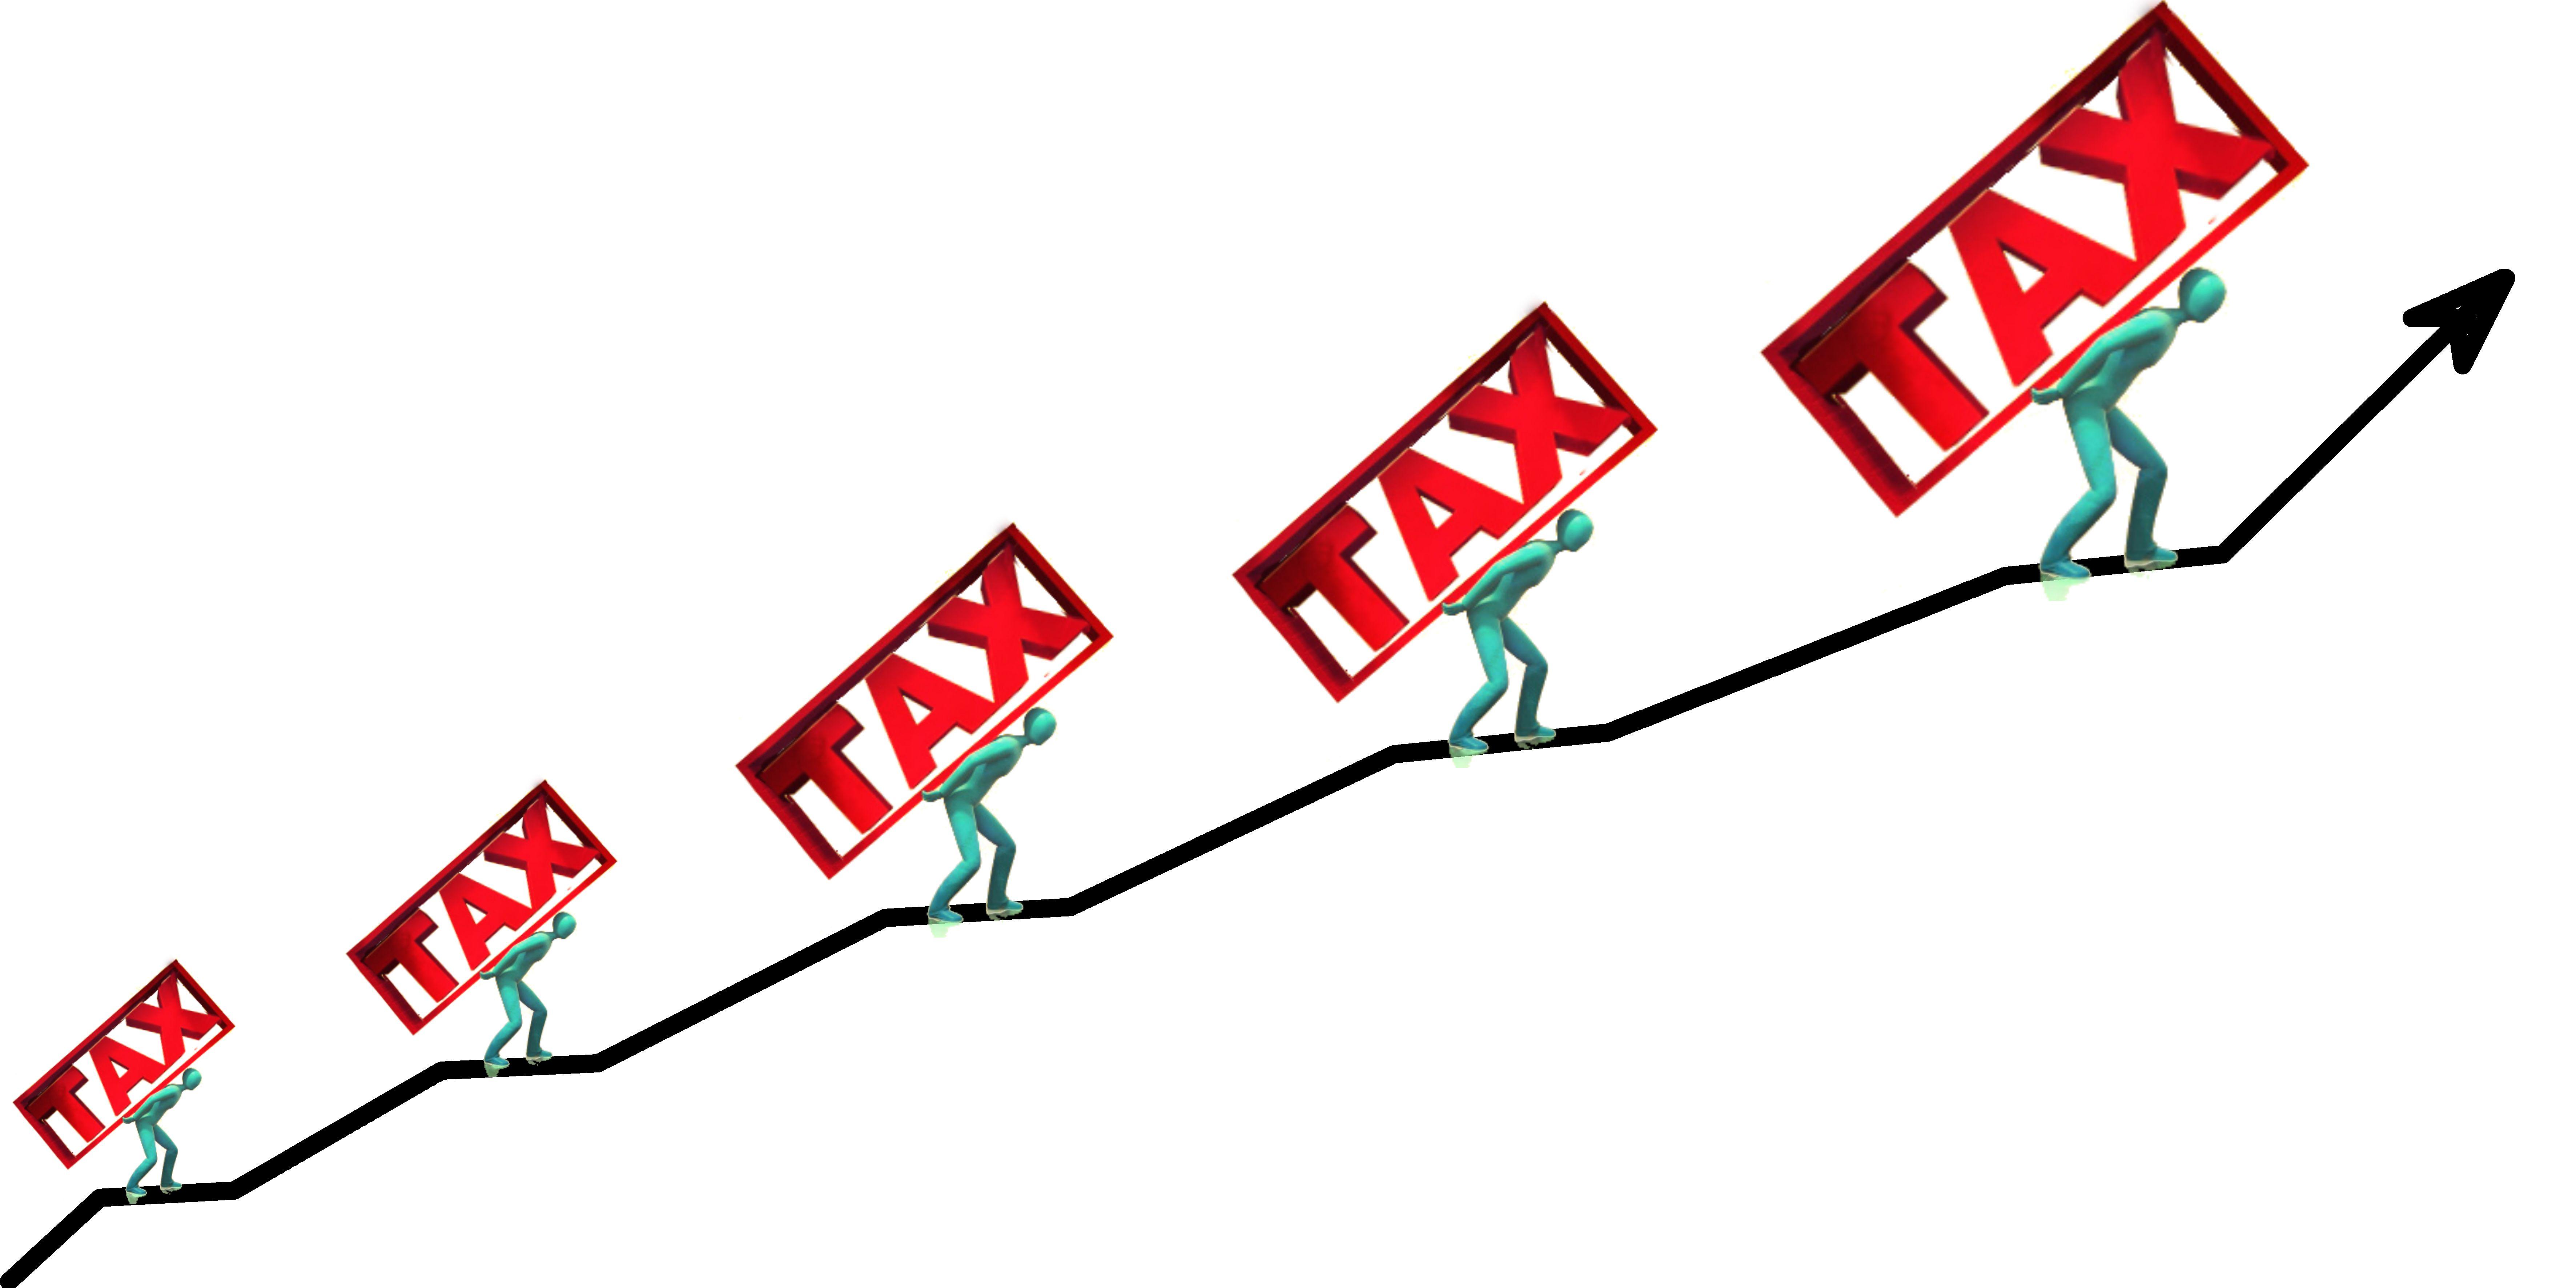 Aumentare le tasse  o eliminare gli sprechi?